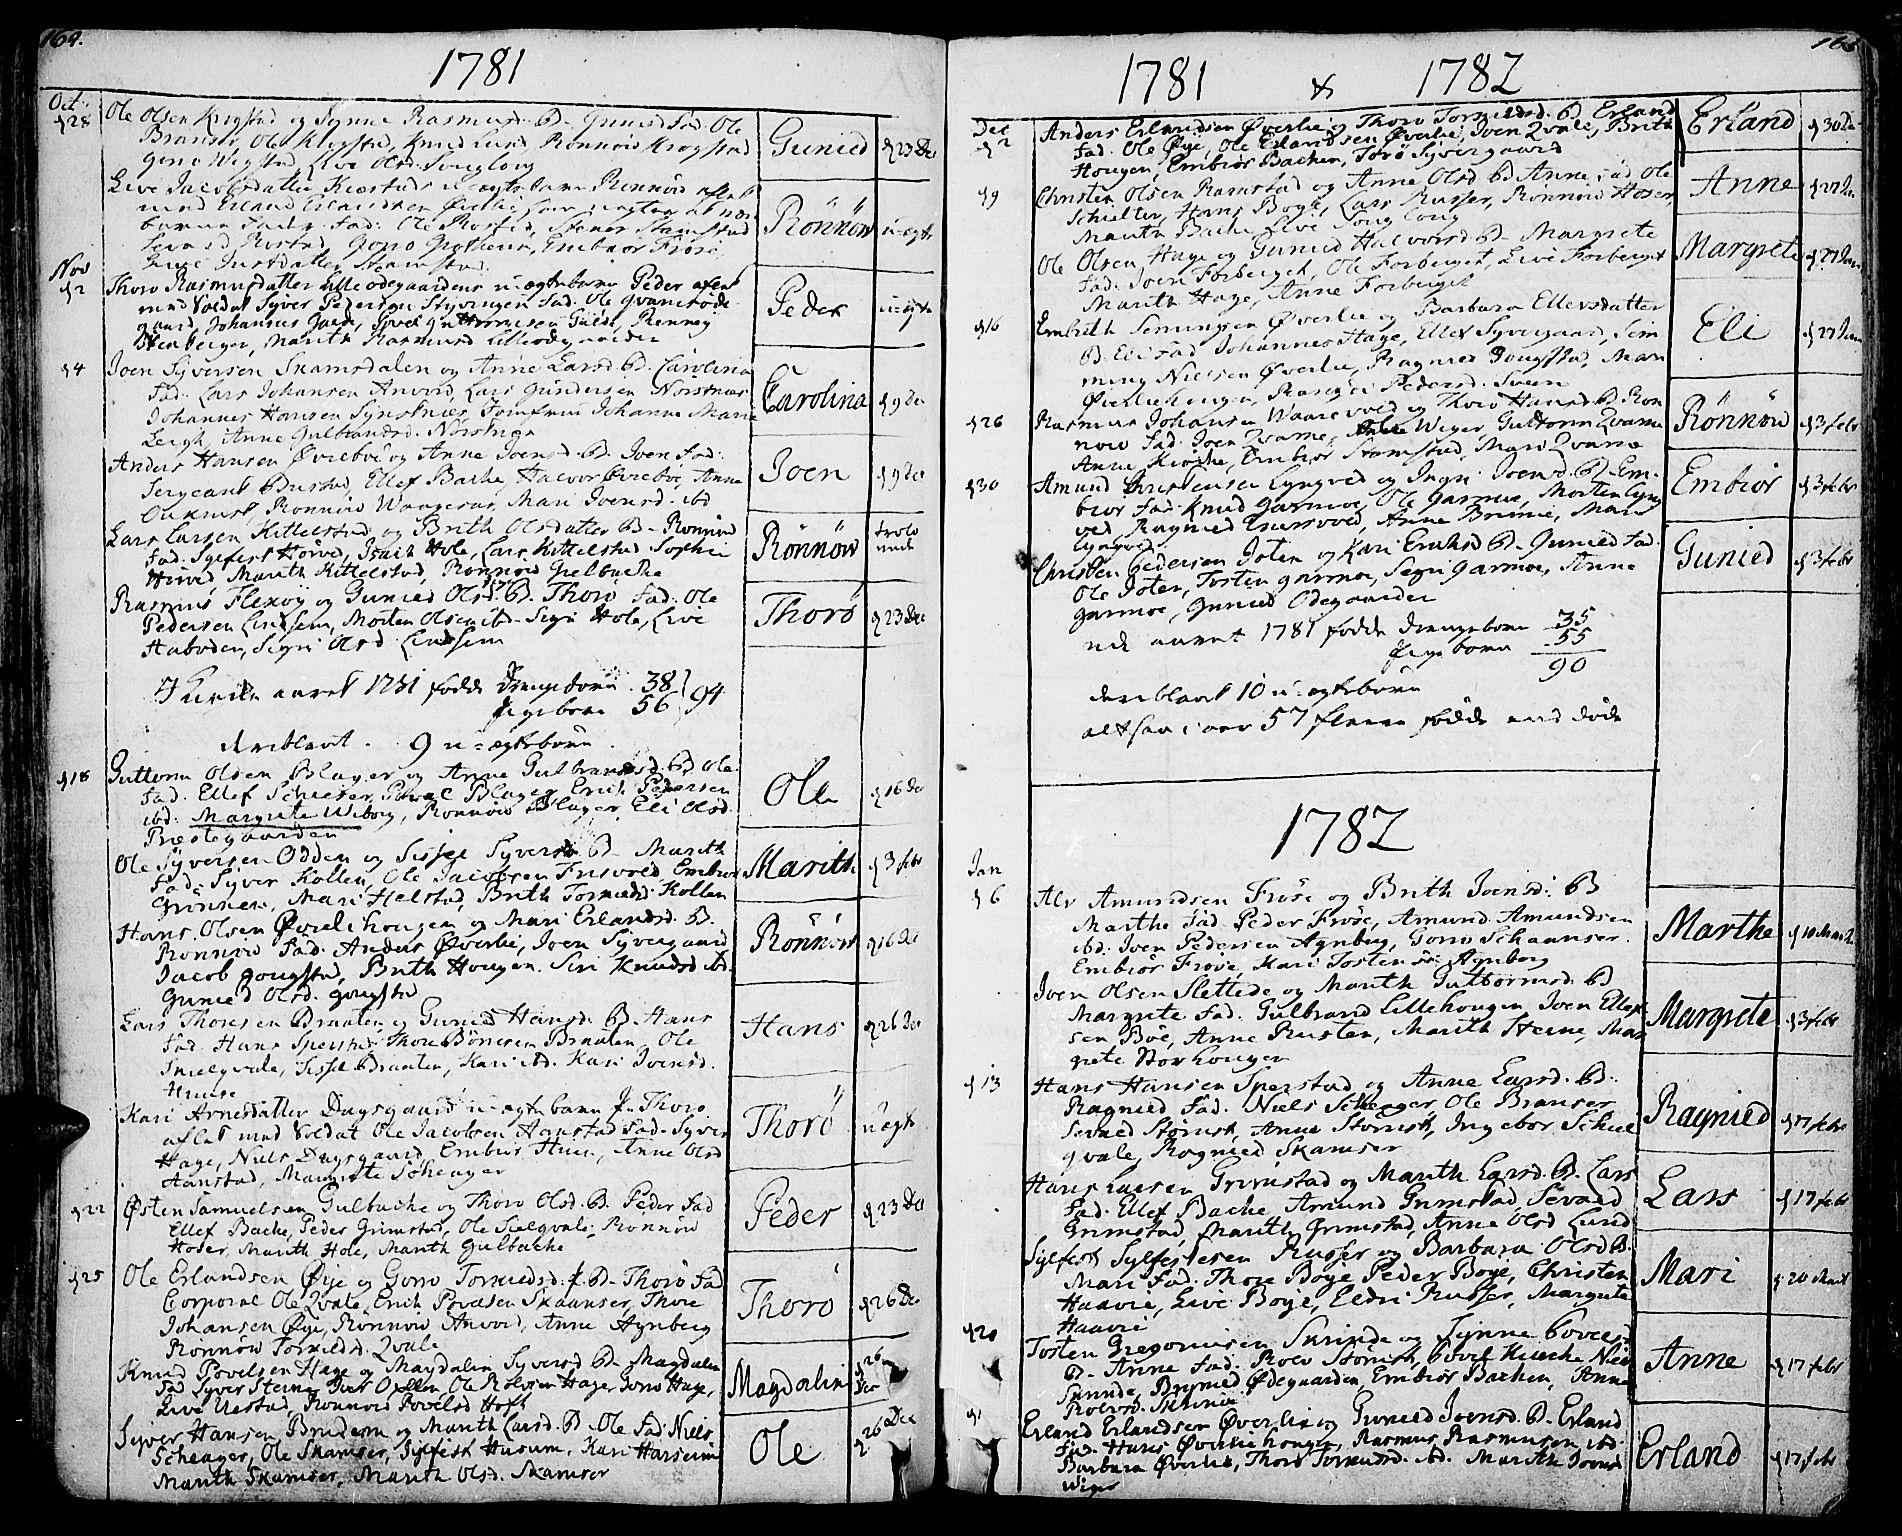 SAH, Lom prestekontor, K/L0002: Ministerialbok nr. 2, 1749-1801, s. 164-165